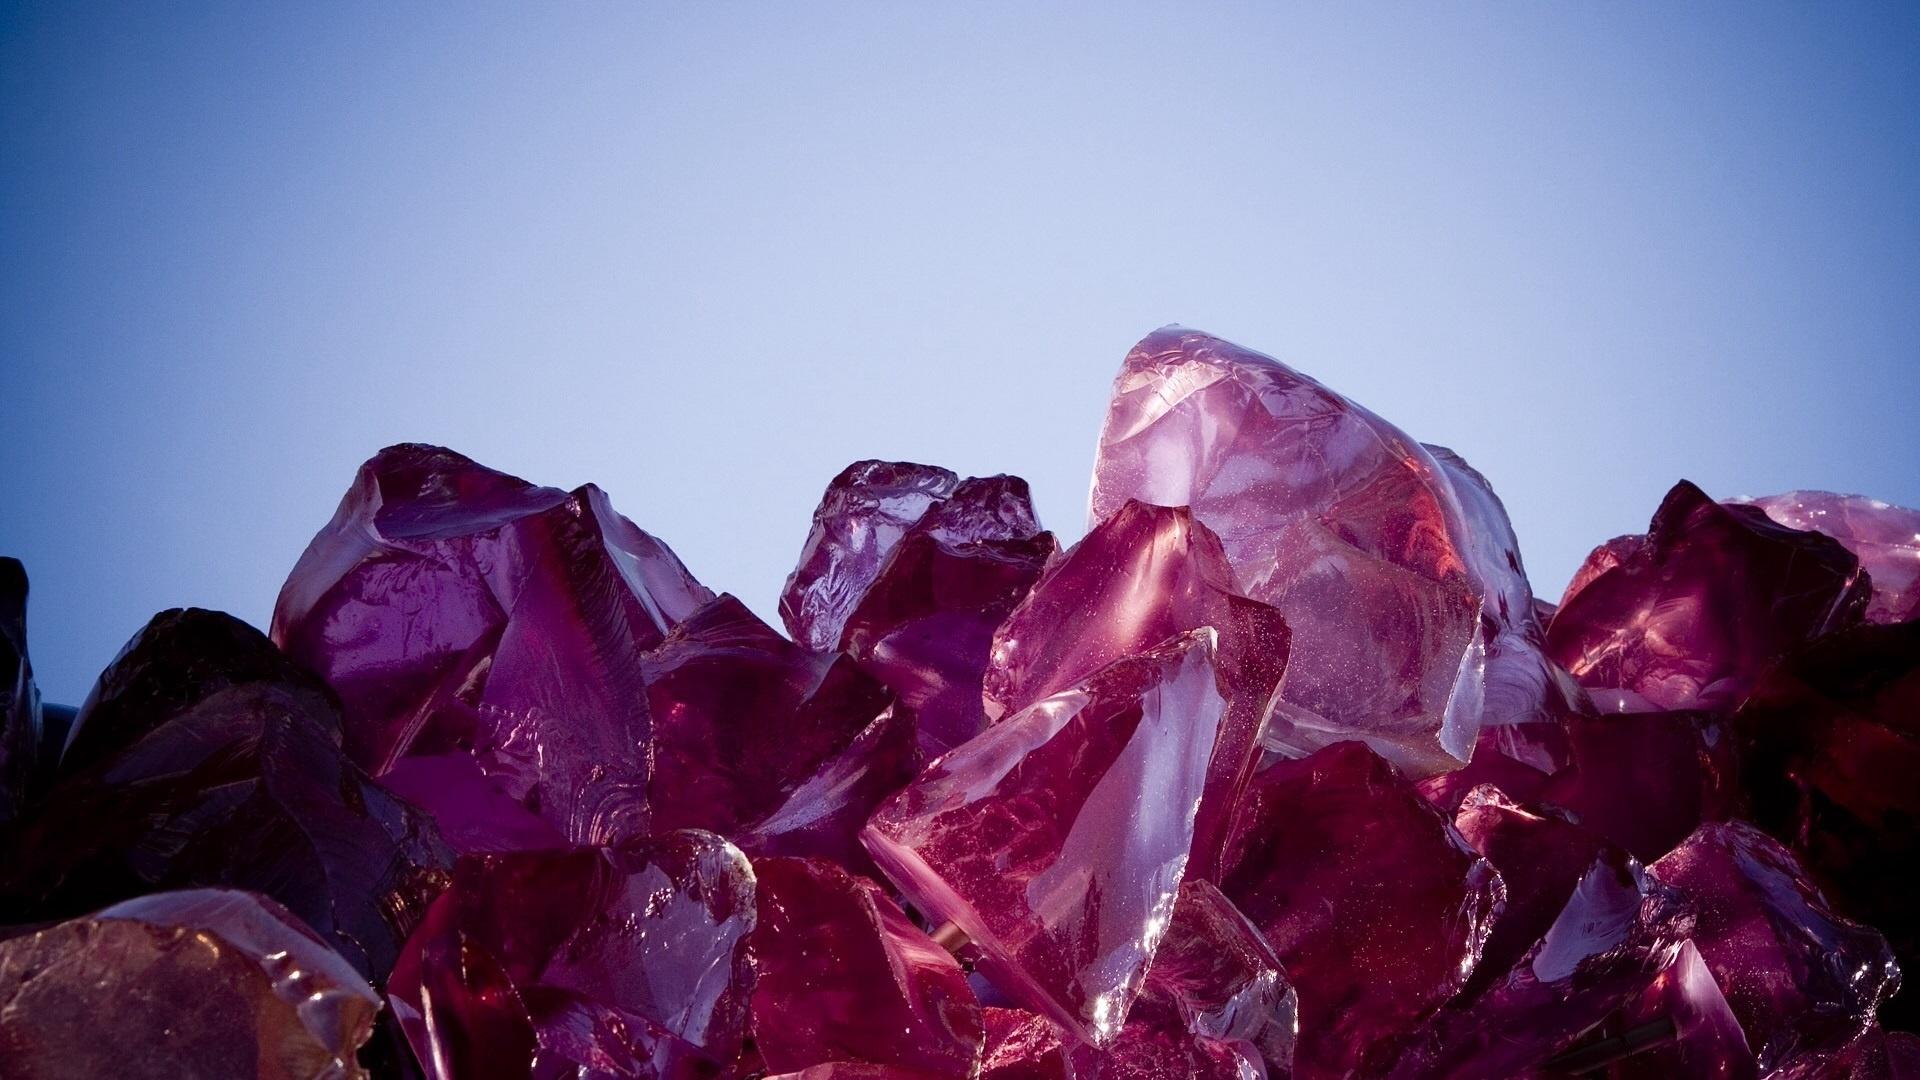 Crystals desktop wallpaper hd